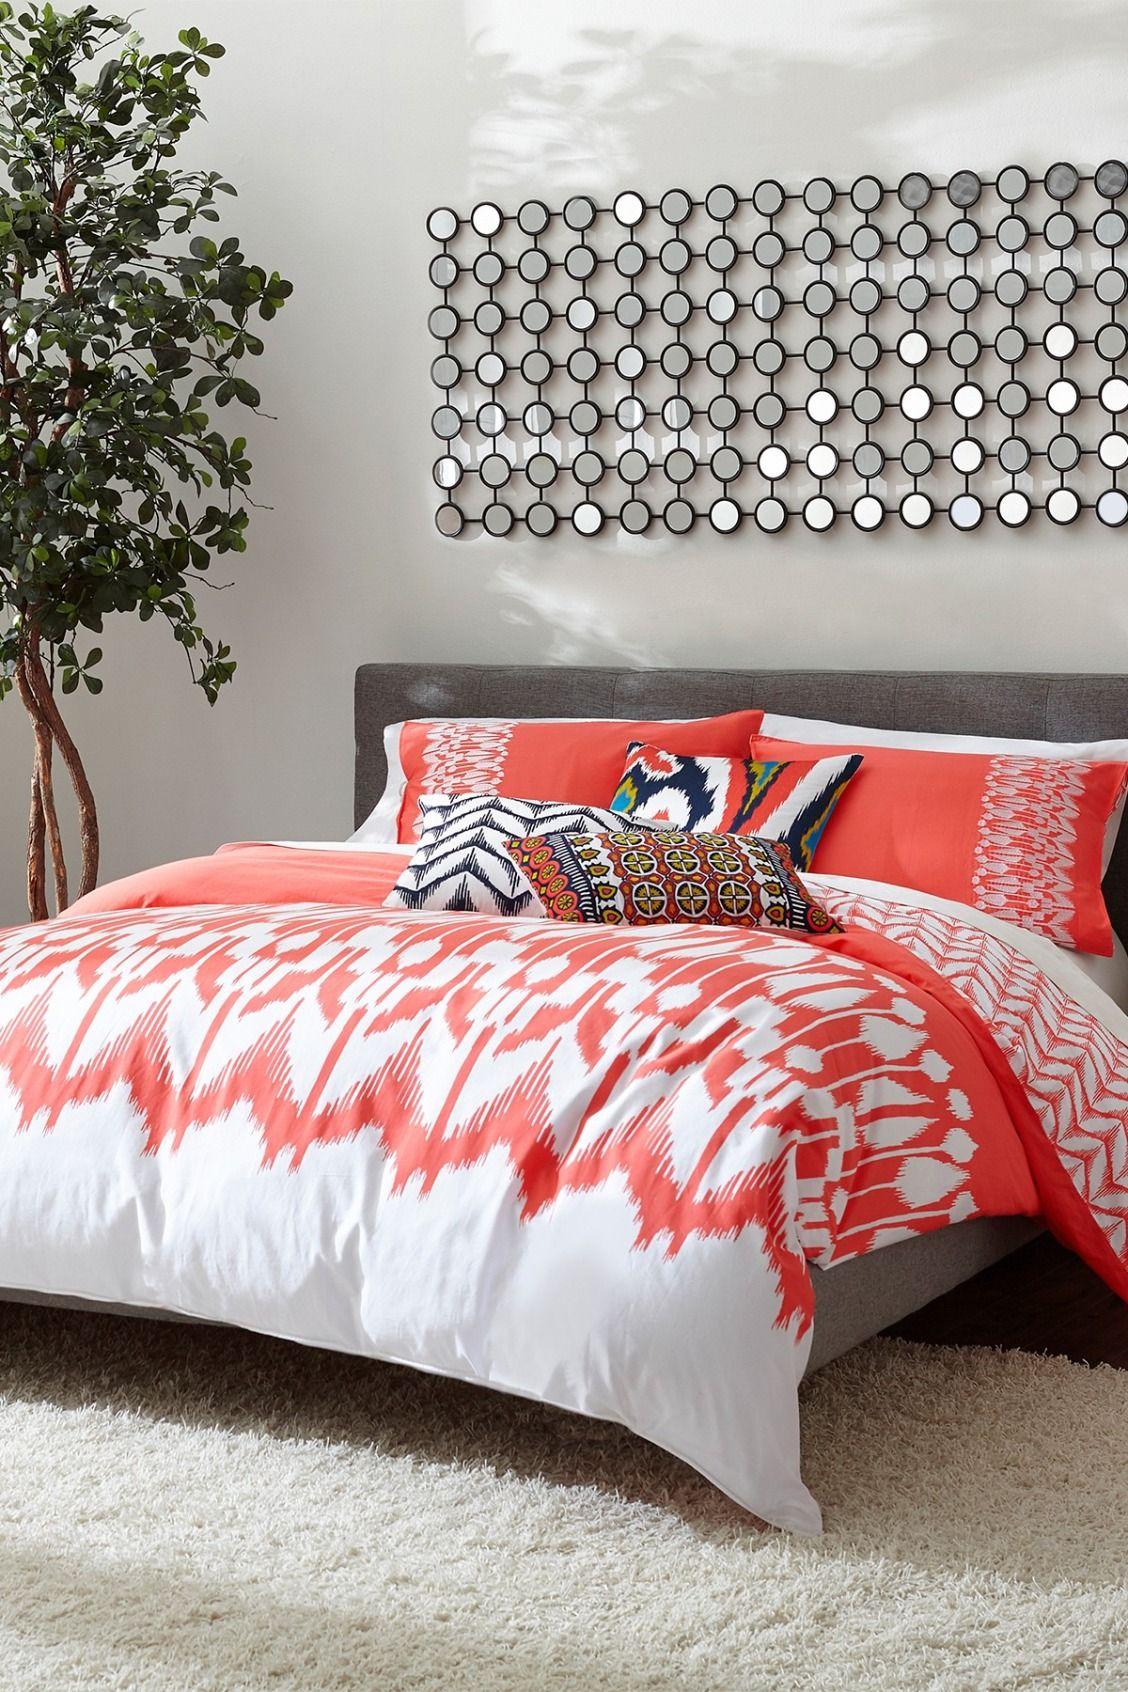 Trina Turk Hollyhock Ikat Duvet 3 Piece Set Coral White In